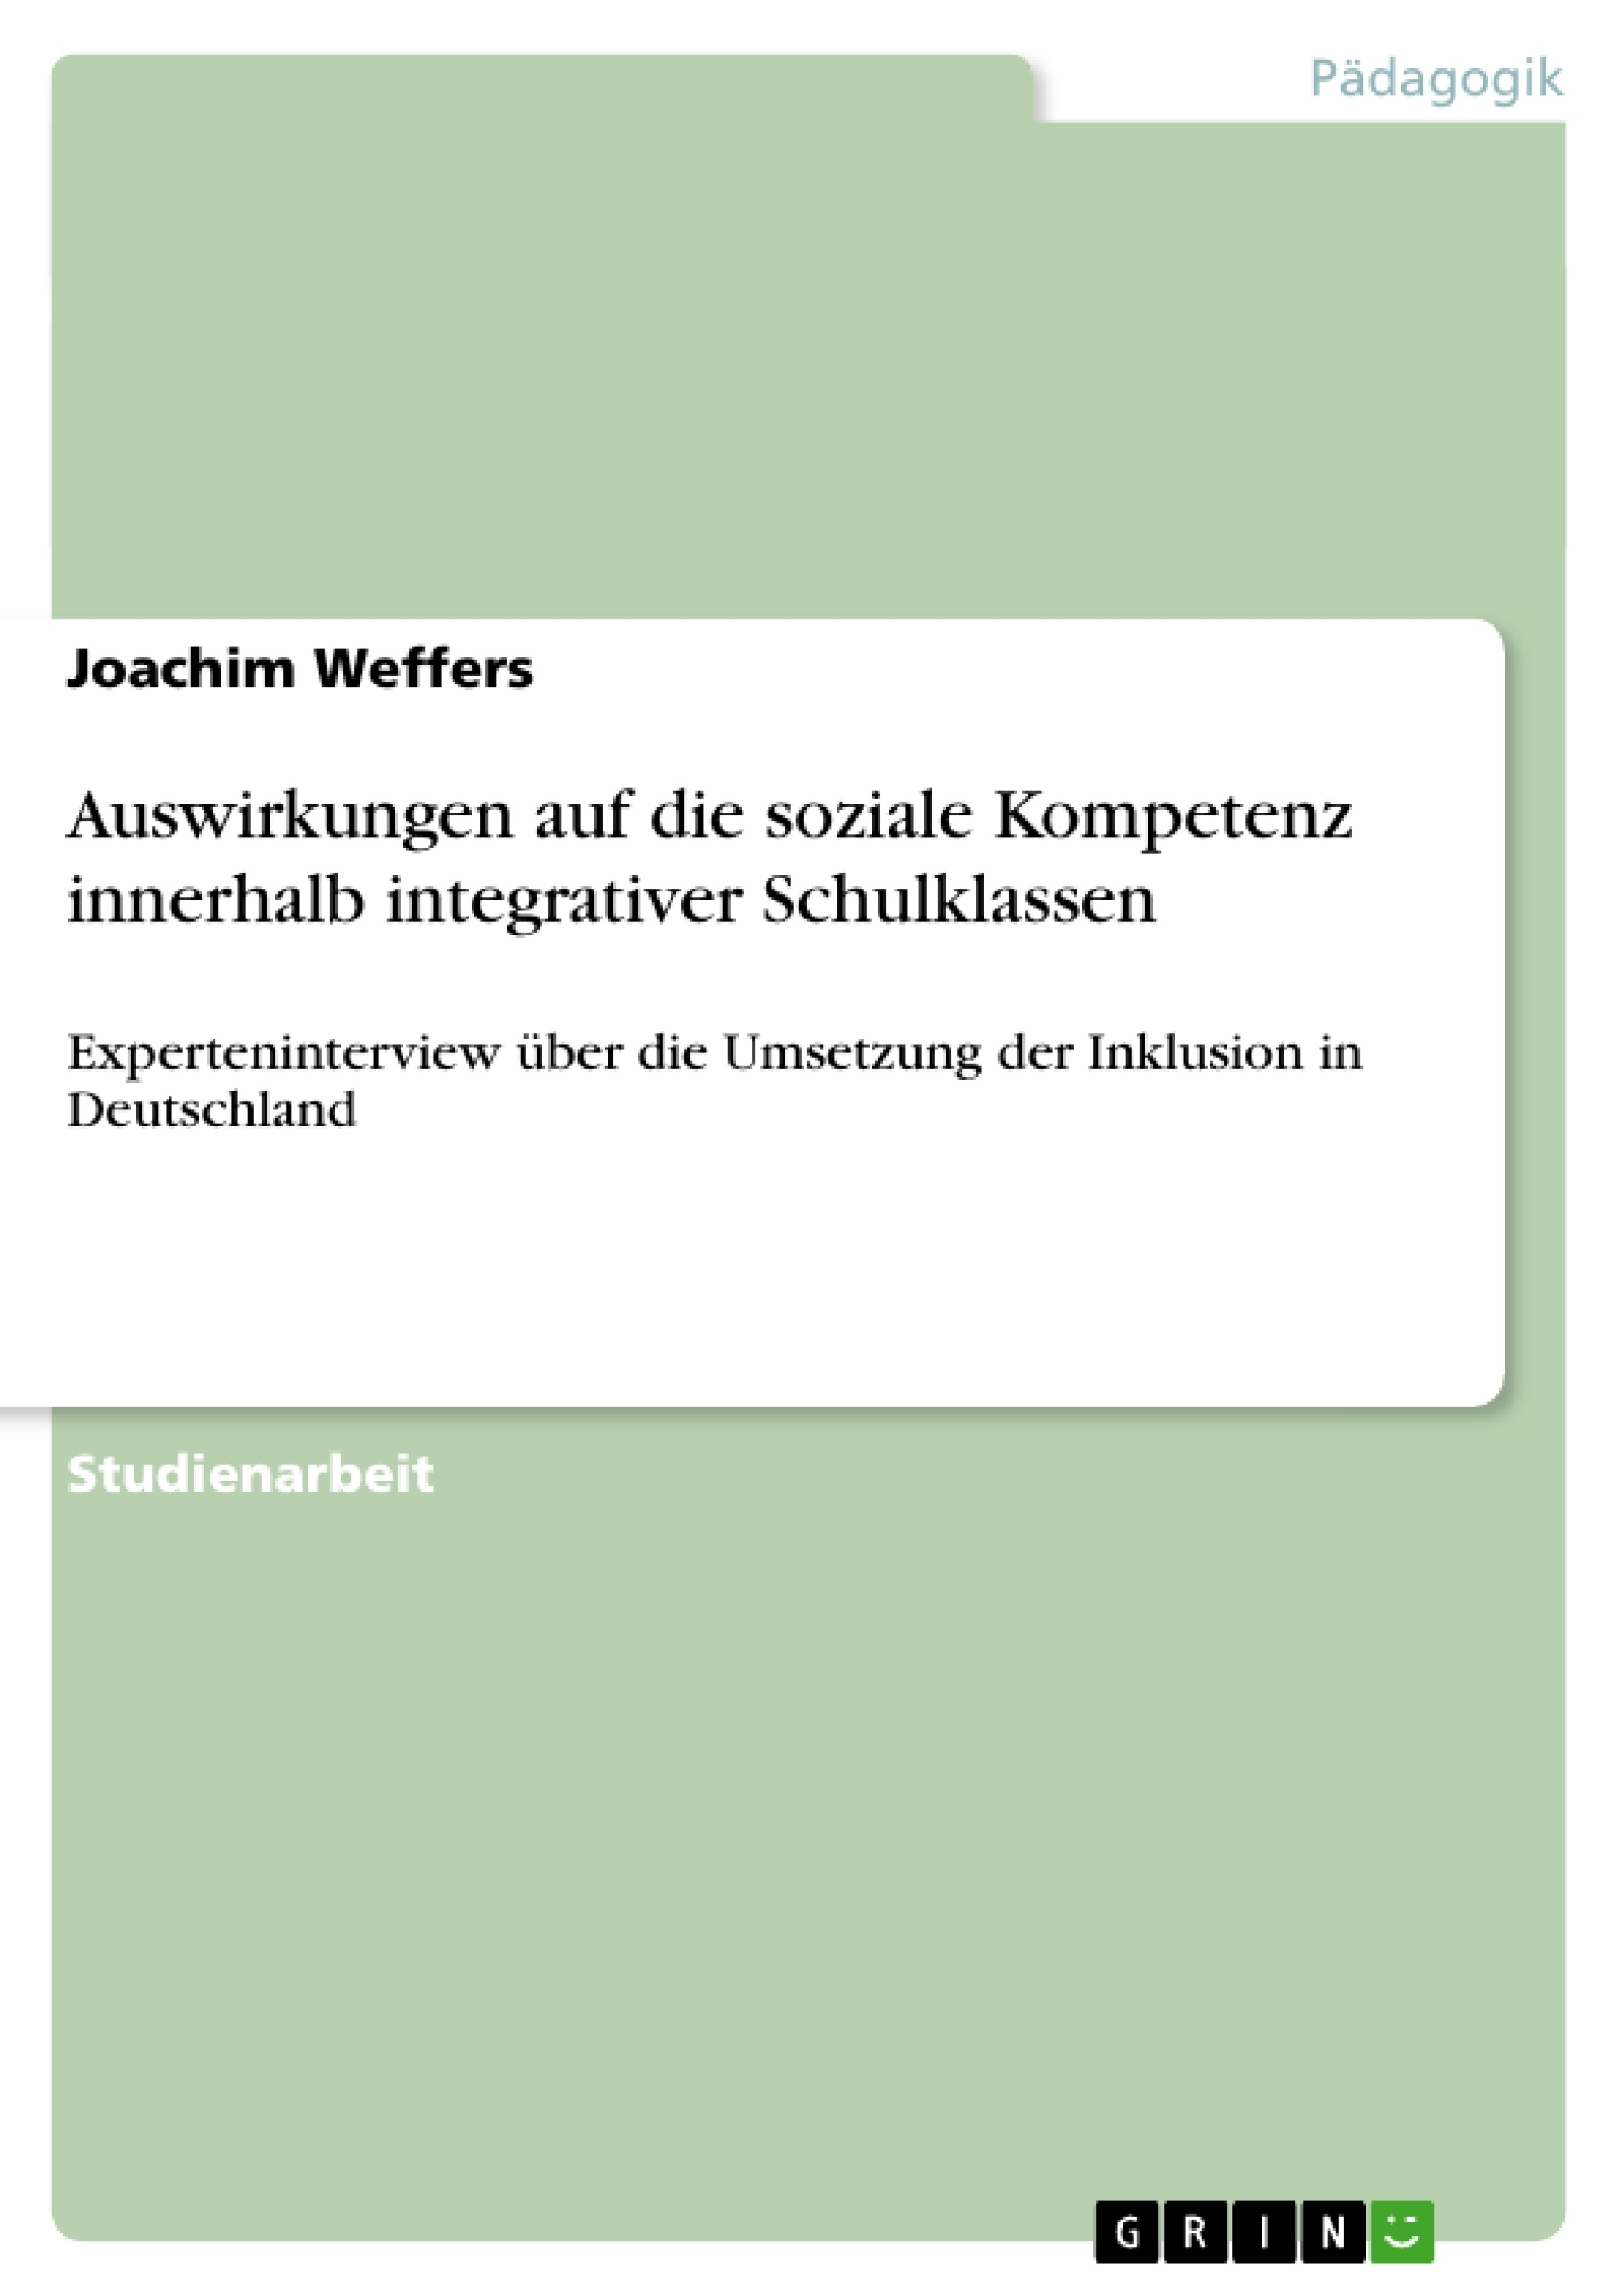 Titel: Auswirkungen auf die soziale Kompetenz innerhalb integrativer Schulklassen